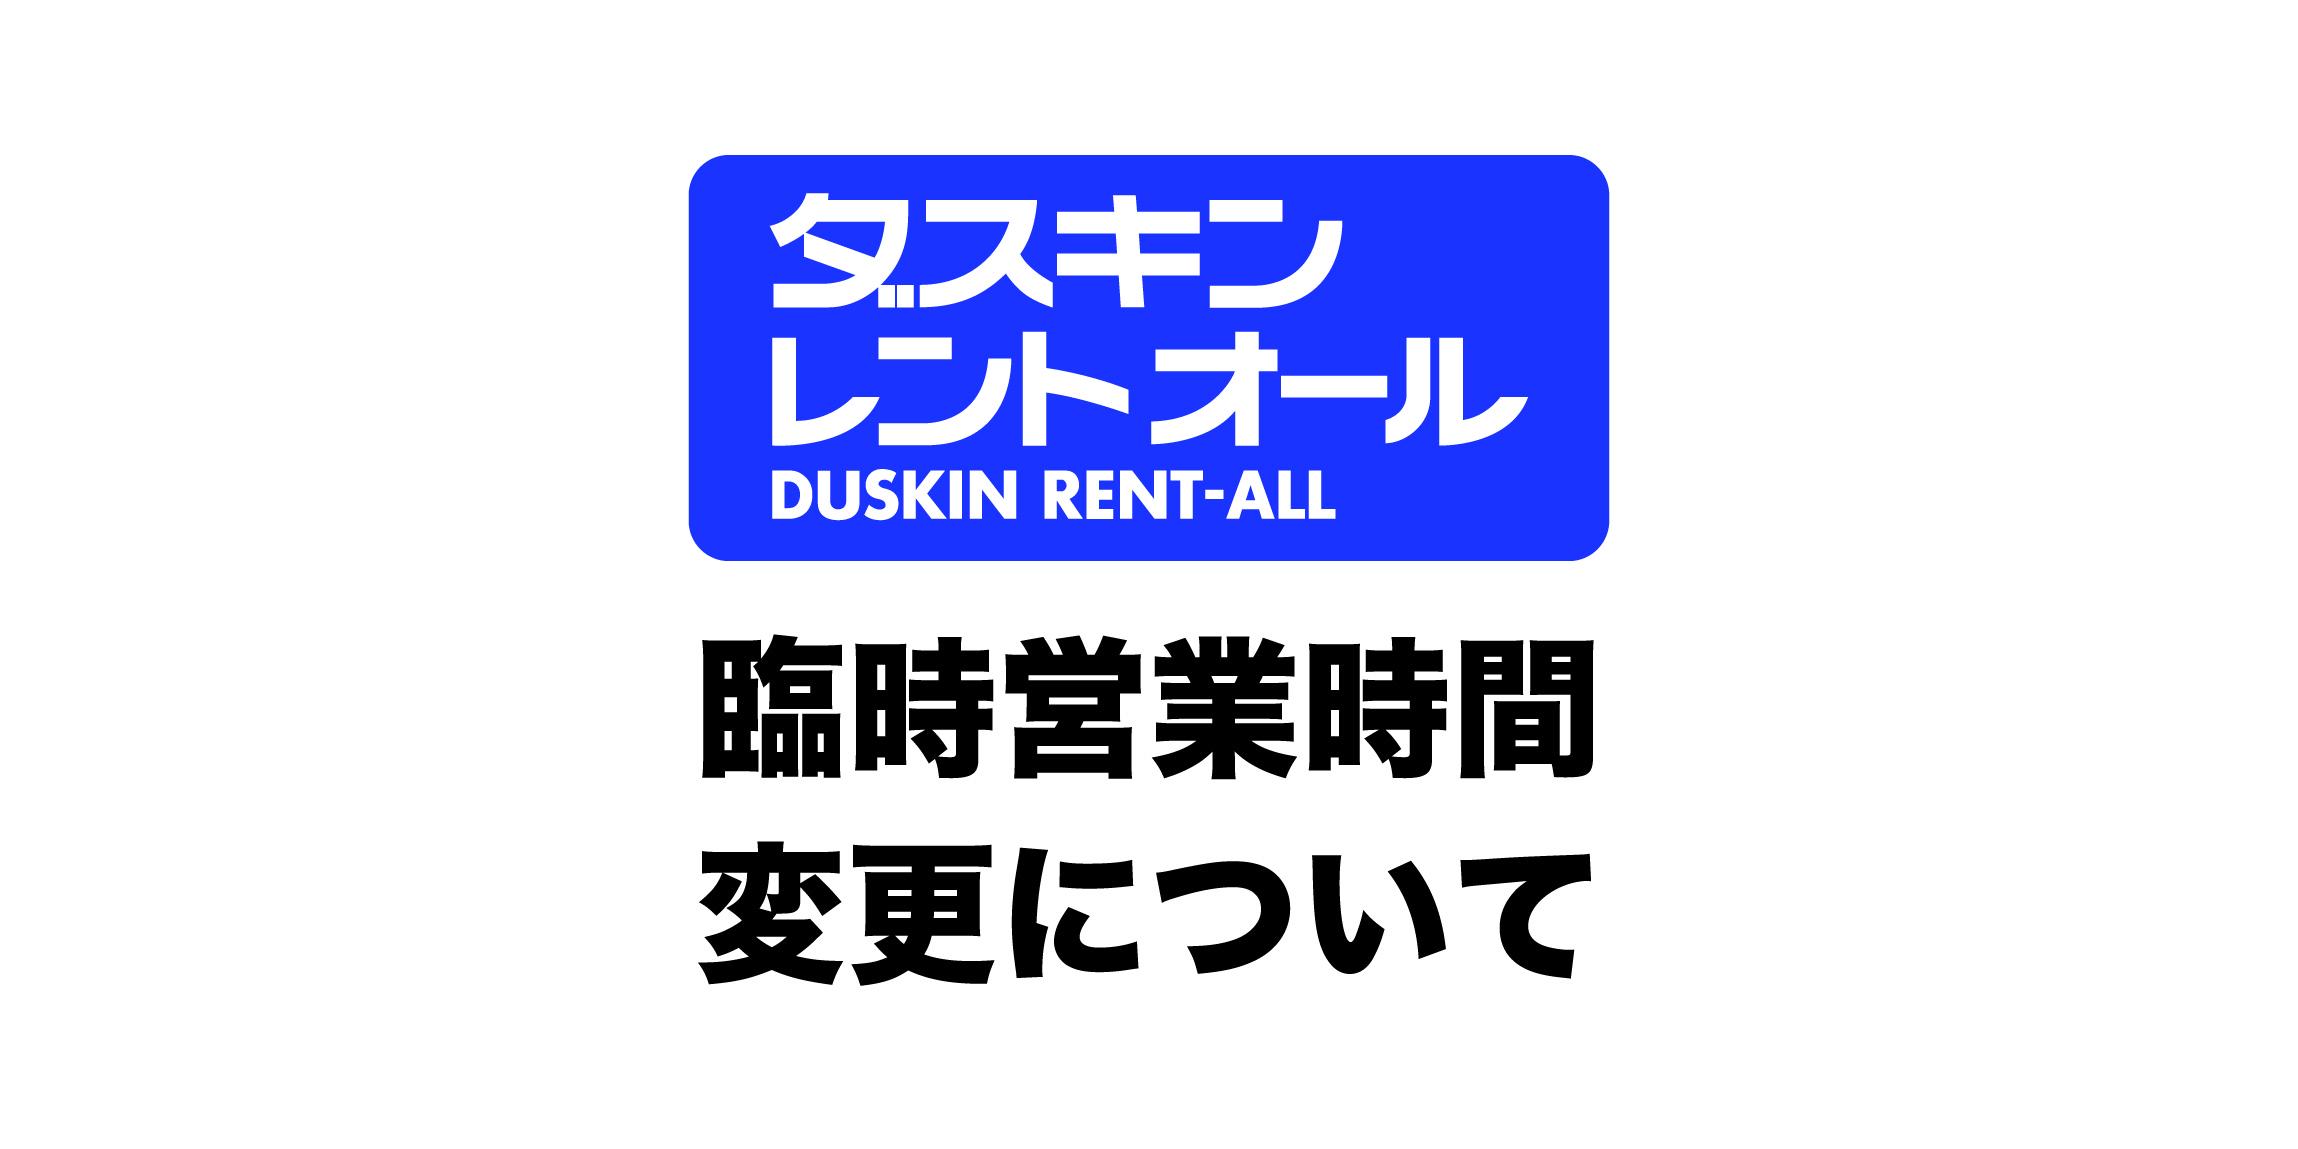 梅田北イベントセンターが移転しました